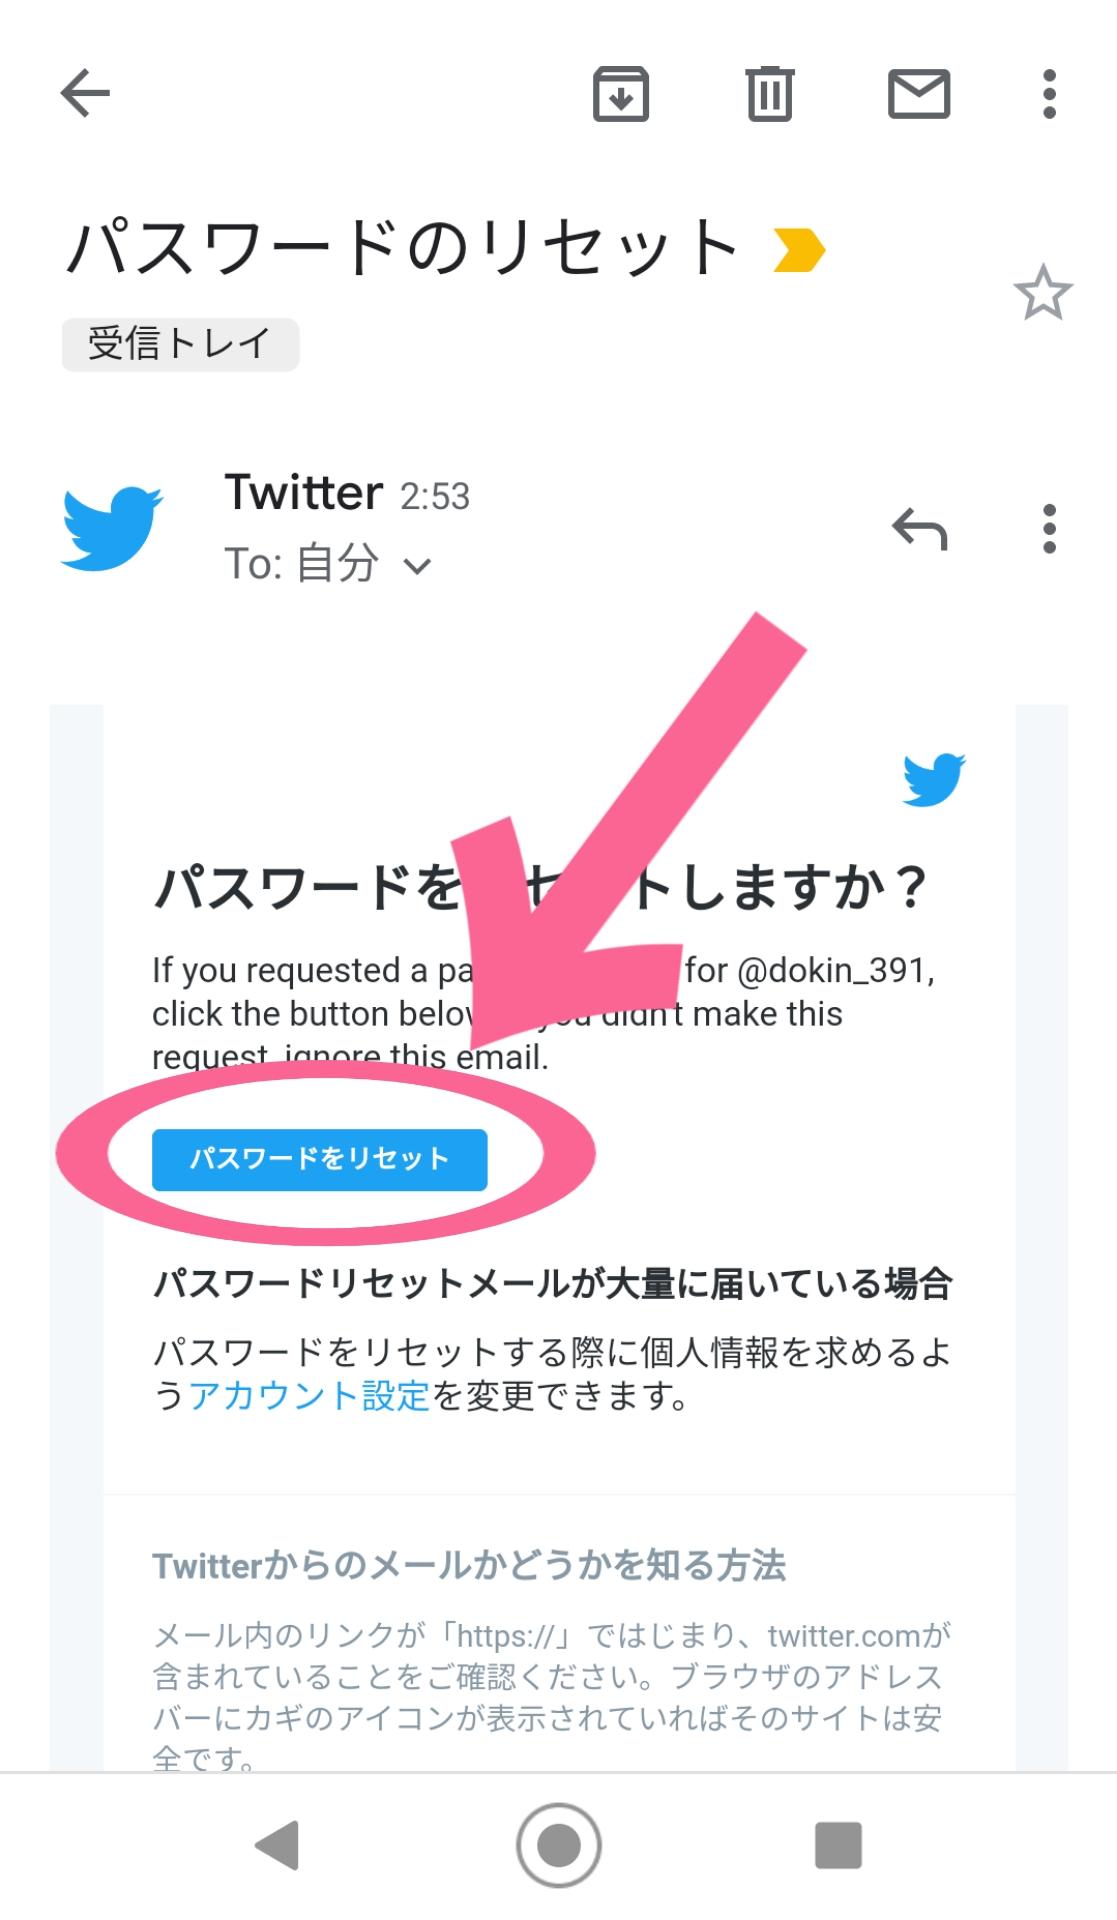 Twitter 旧端末 パスワード リセット メール タップ